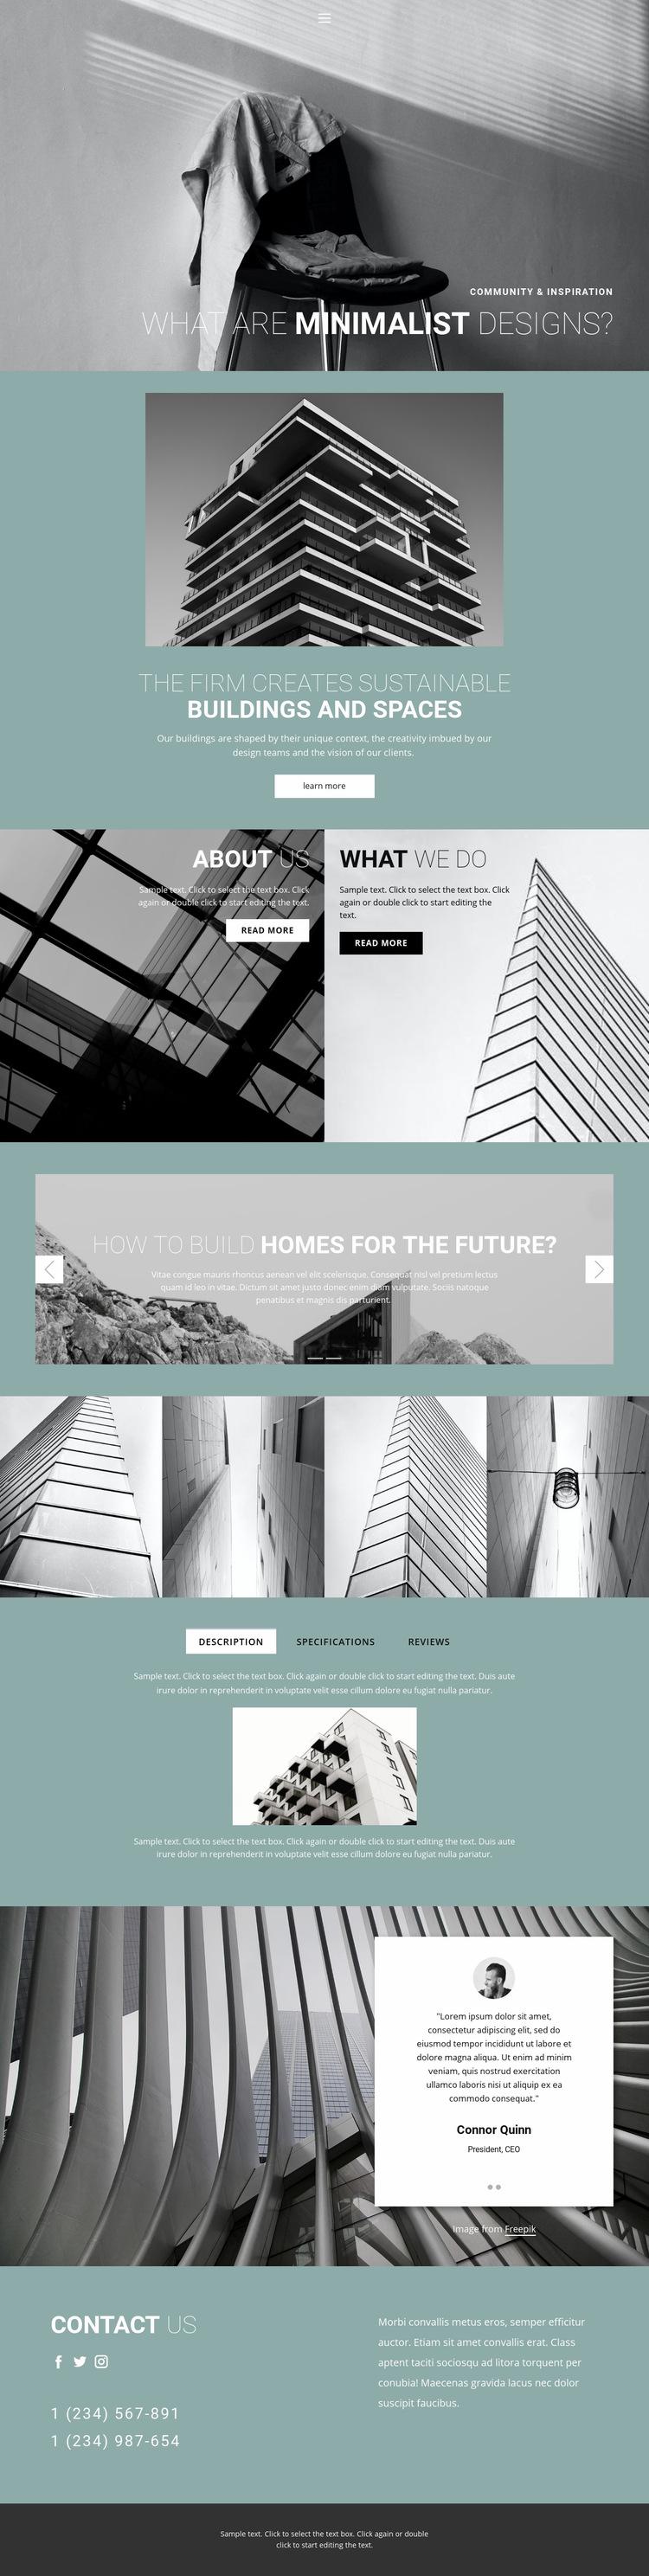 Perfect architecture ideas Web Page Design